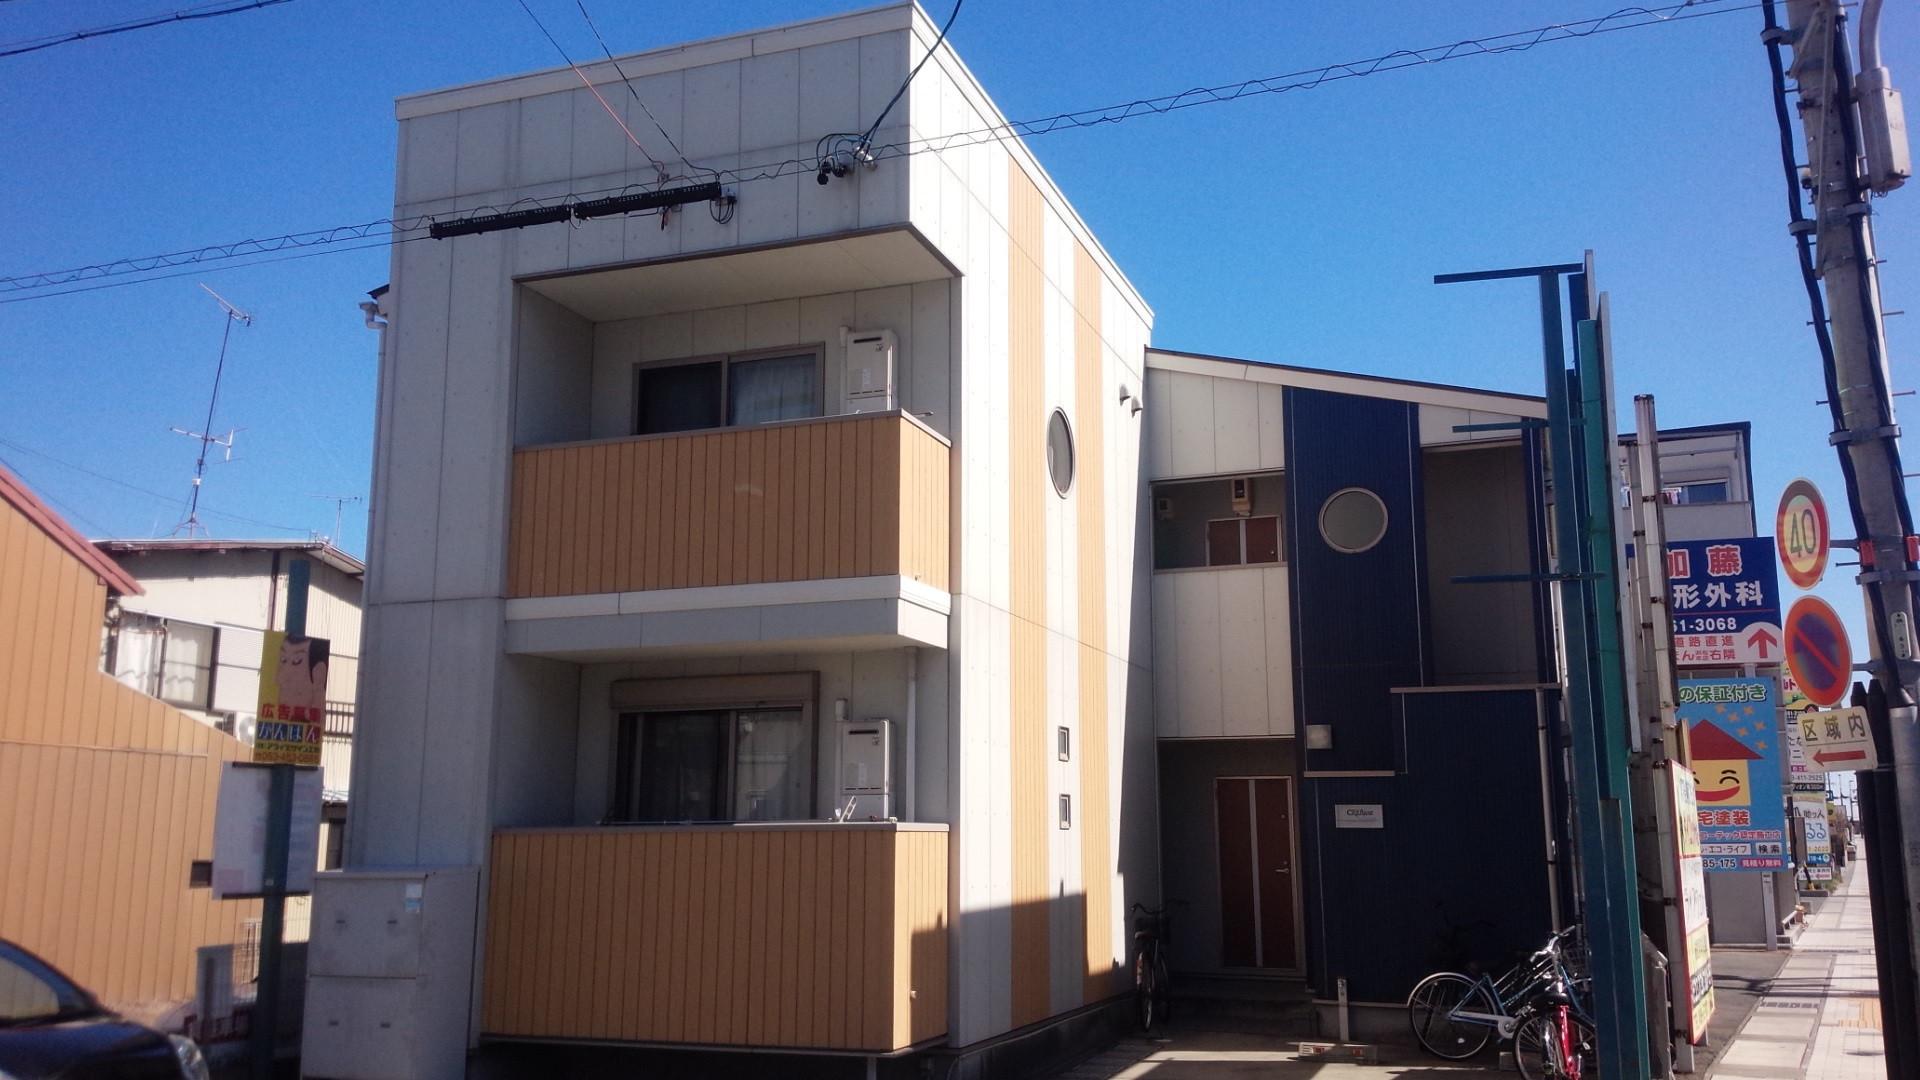 浜松市中区野口町「クレフラスト文芸大 101号室」原状回復工事     原状回復工事の事ならMAXメディエイト